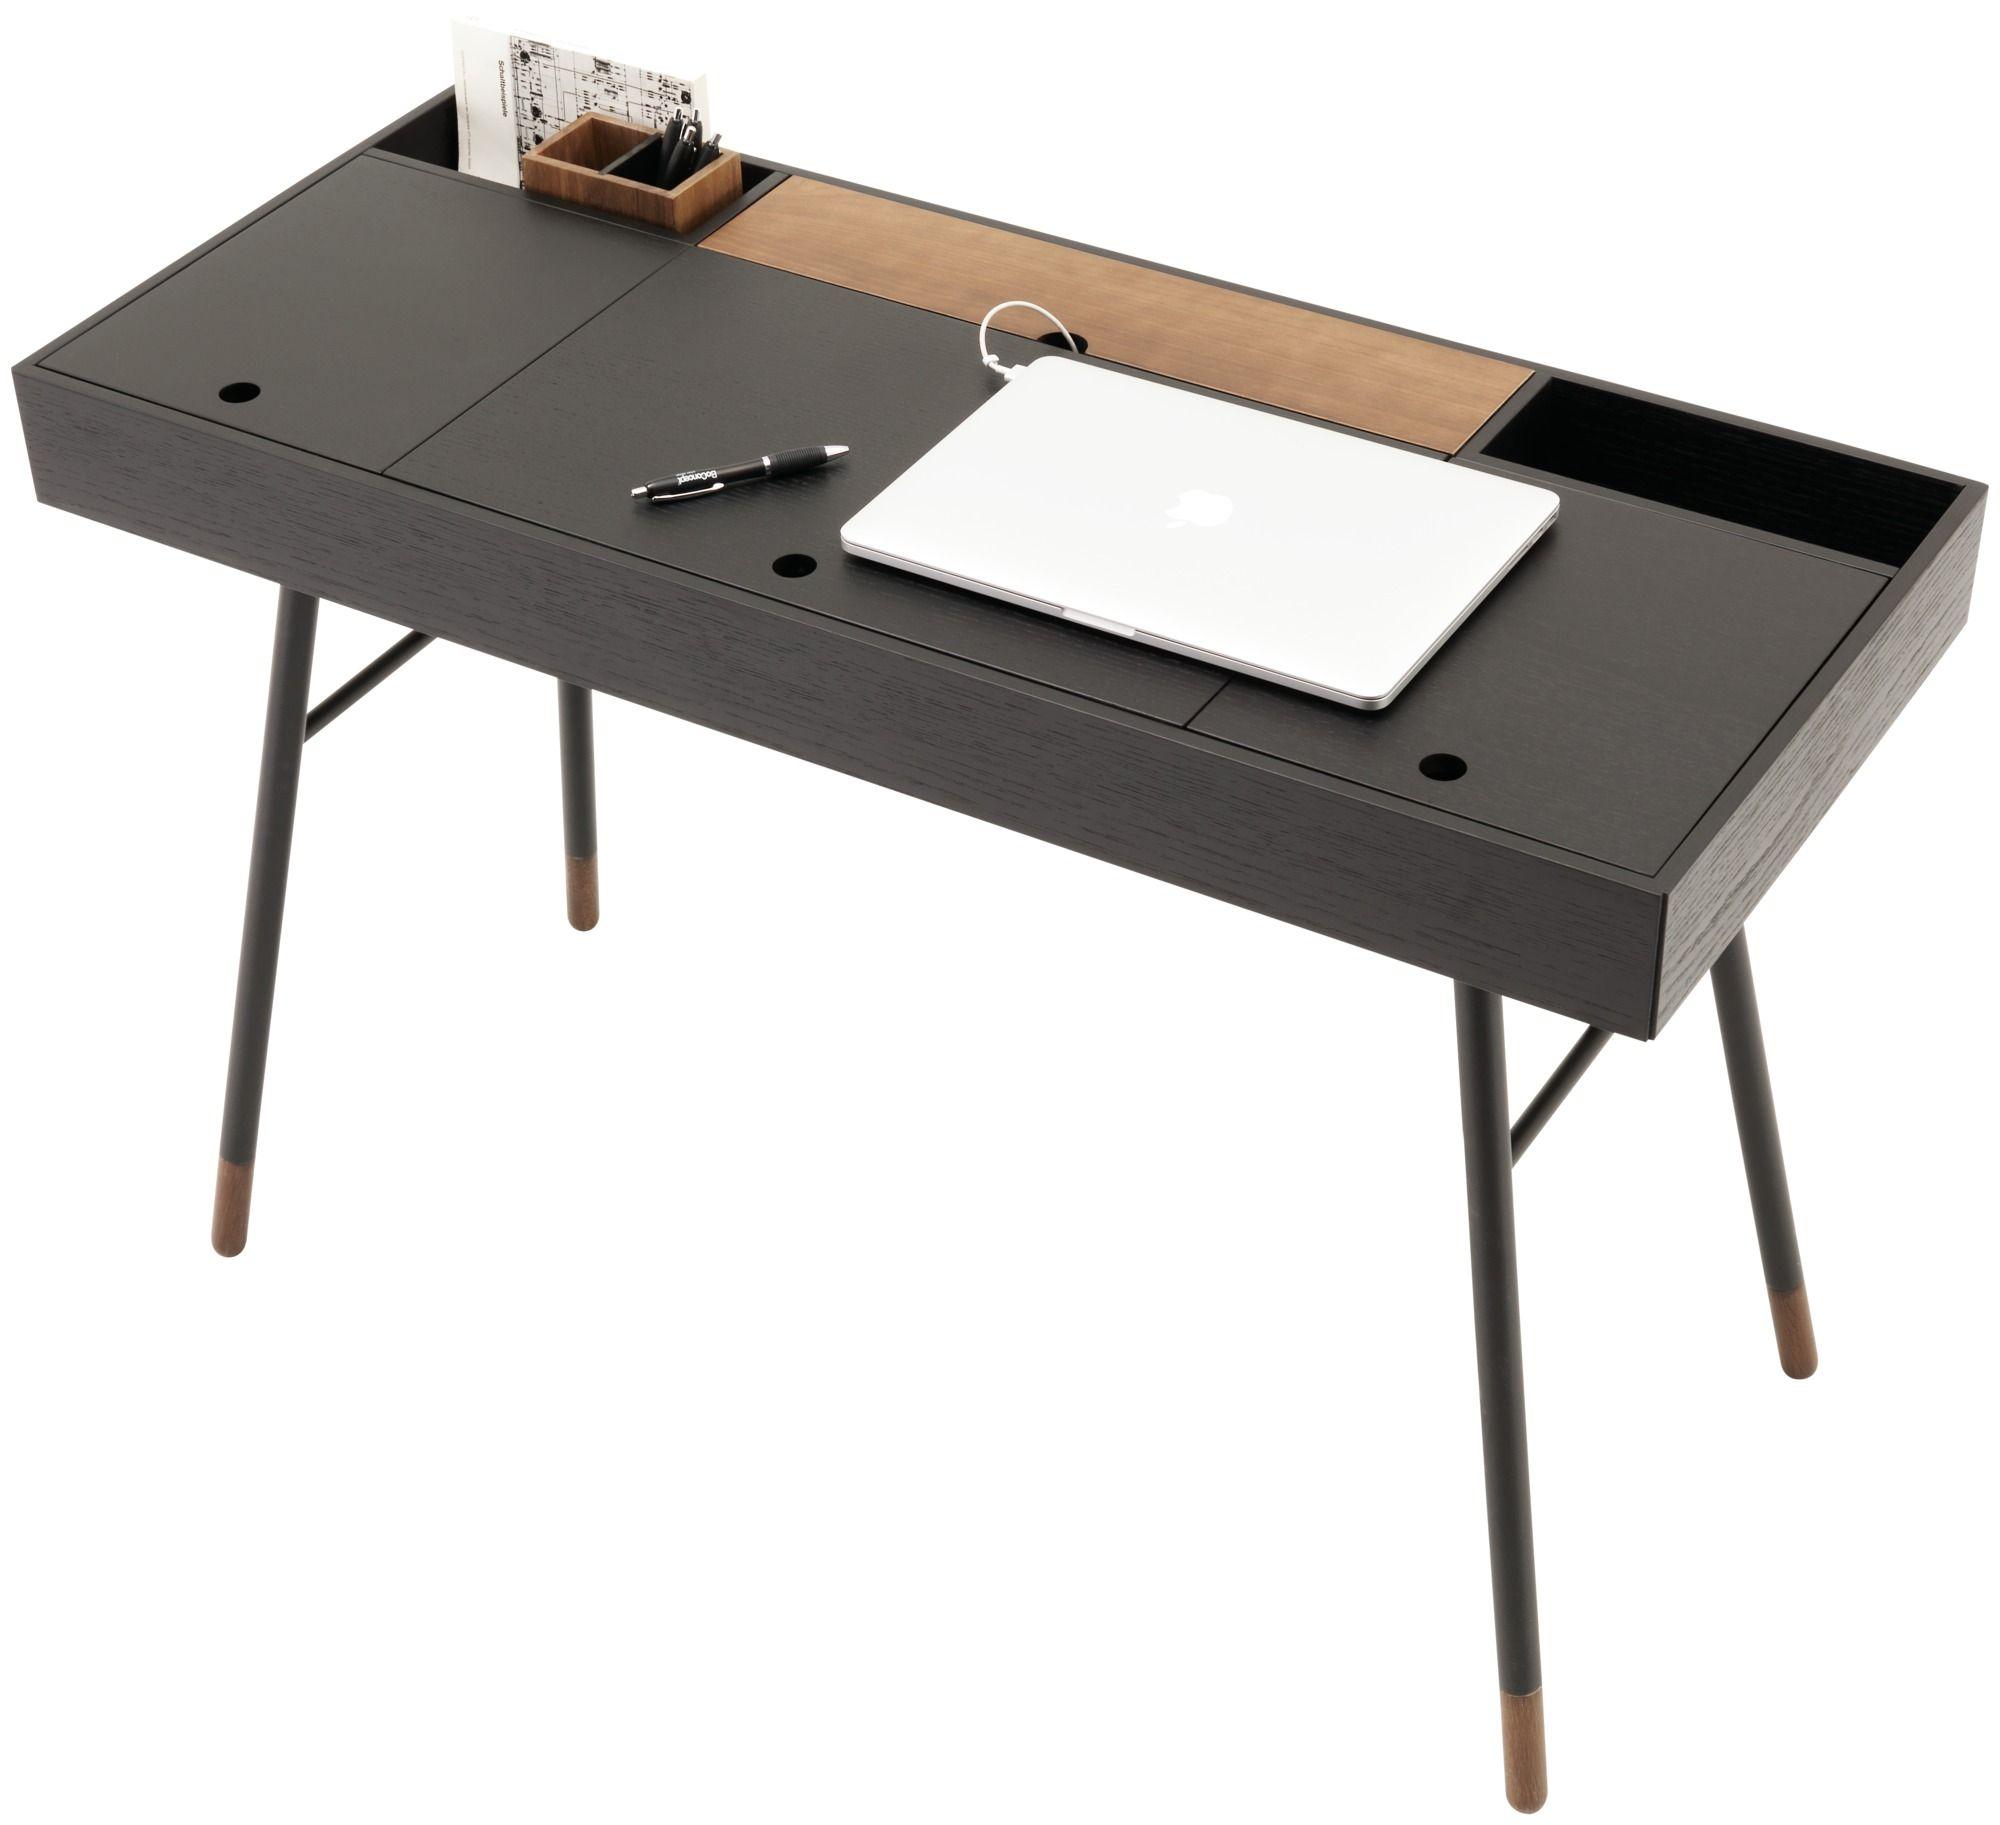 Schön Design Schreibtisch U0026 Bürostühle Online Kaufen| BoConcept®. Modern Home  Office ...